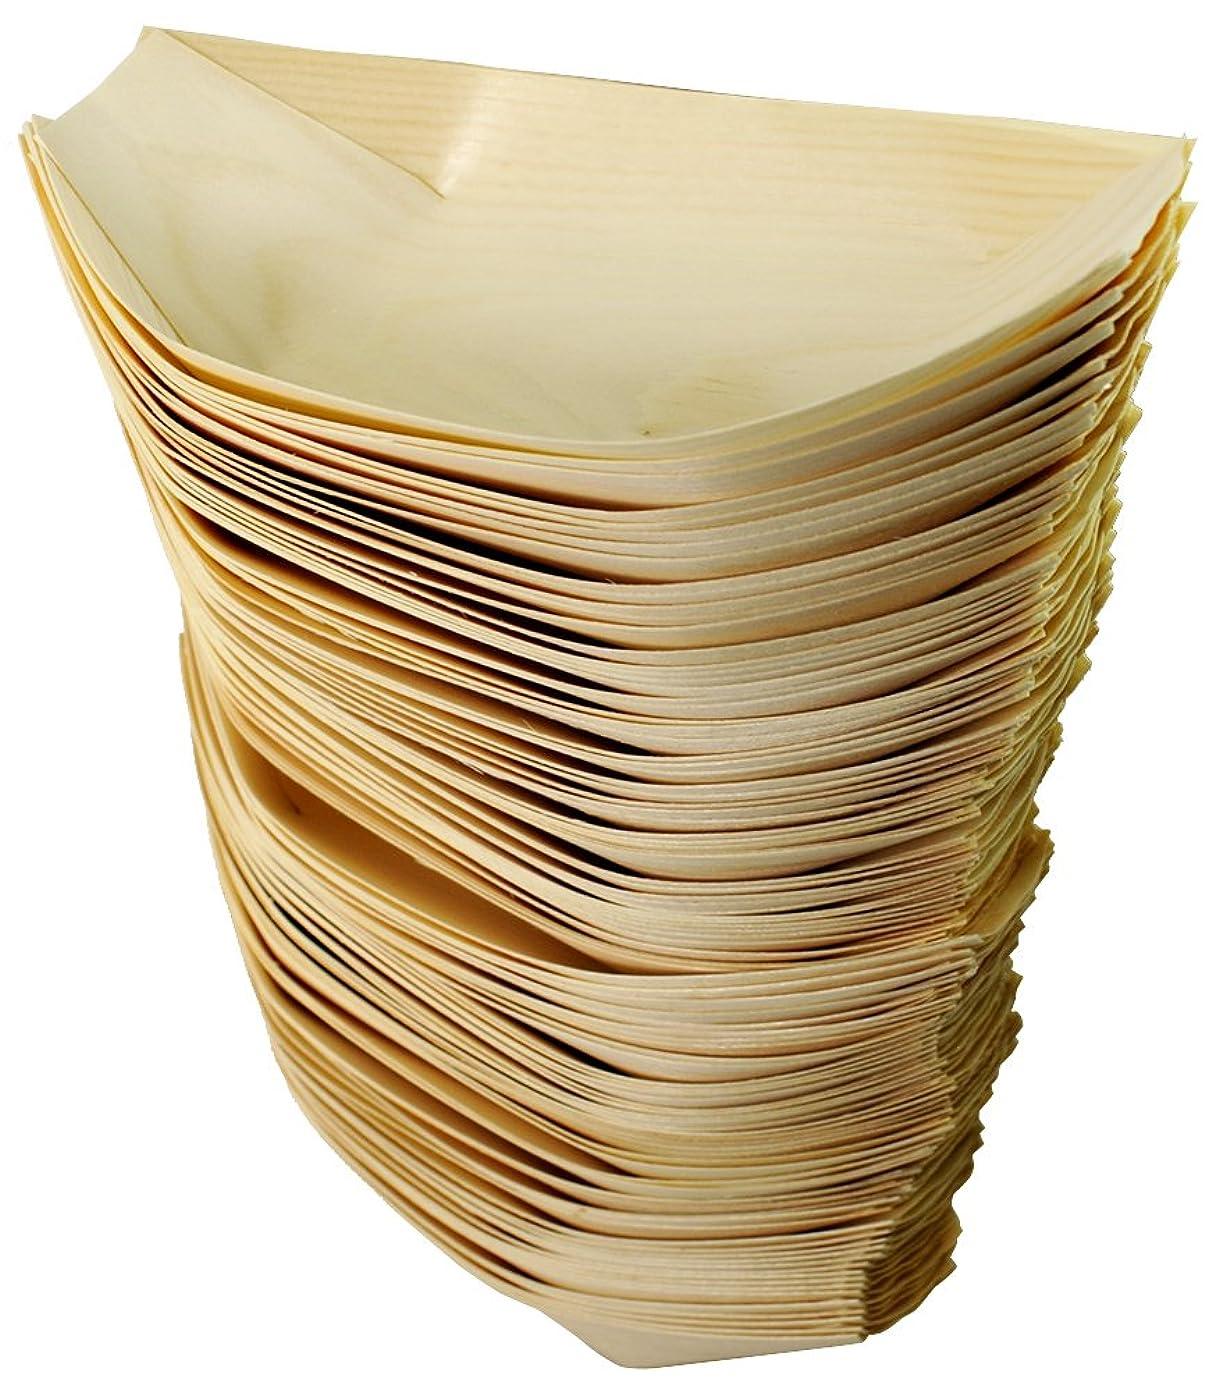 救出核ネックレット業務用 木製 たこ焼き舟皿 7寸タイプ 100枚入 Y-071